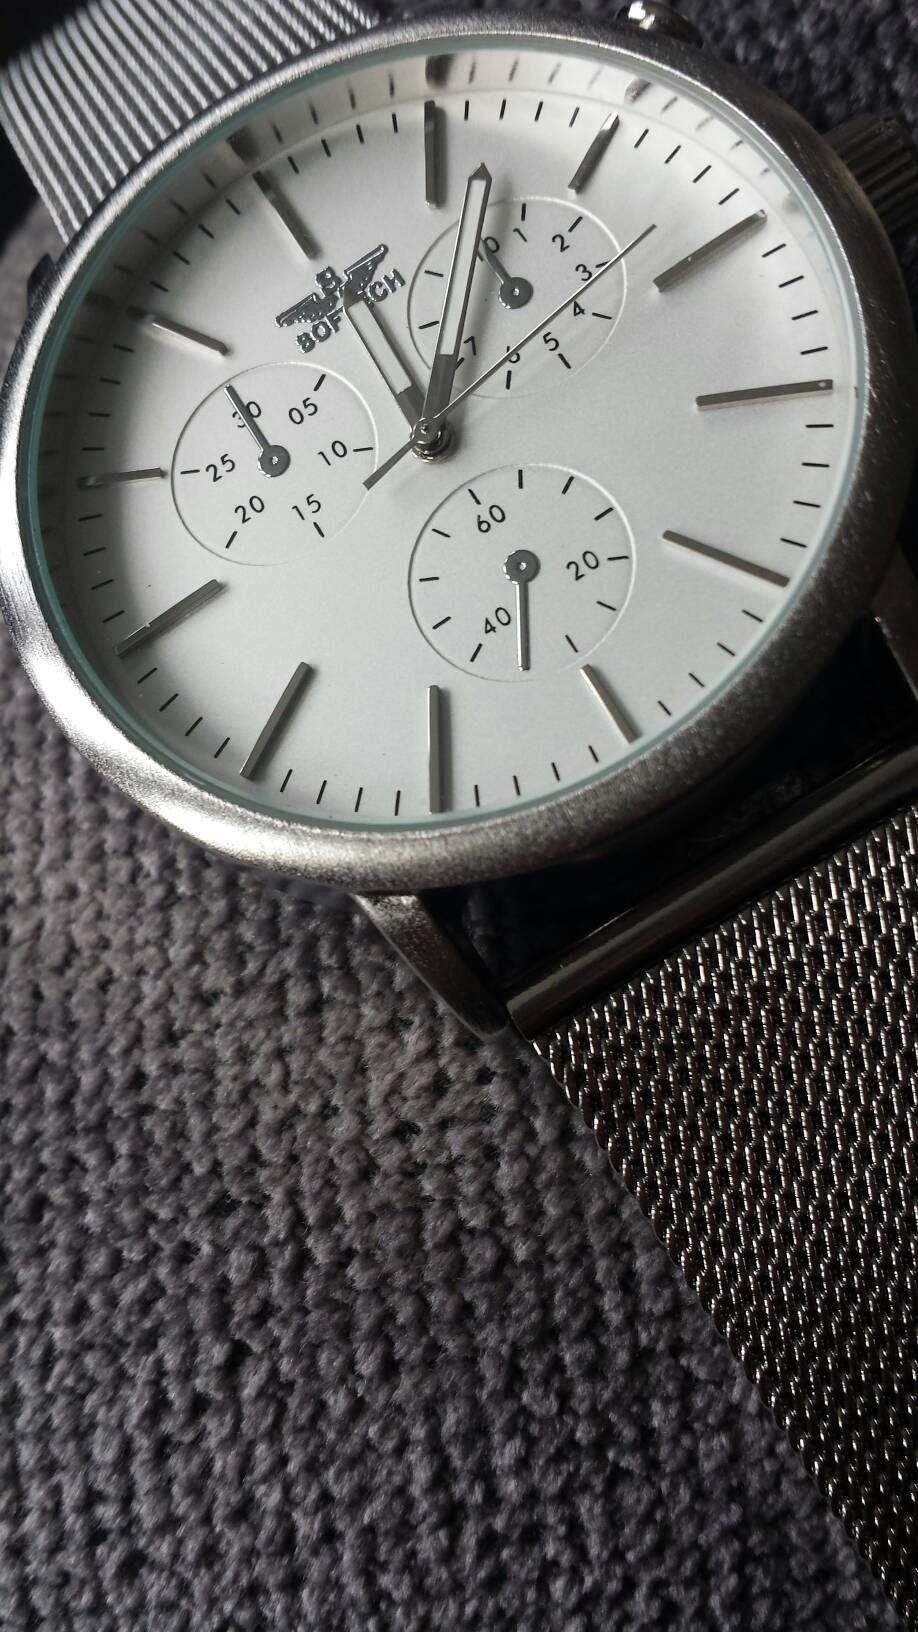 e21dbd09172 Softech London Silver Mesh Strap Wrist Watch with Silver Dial